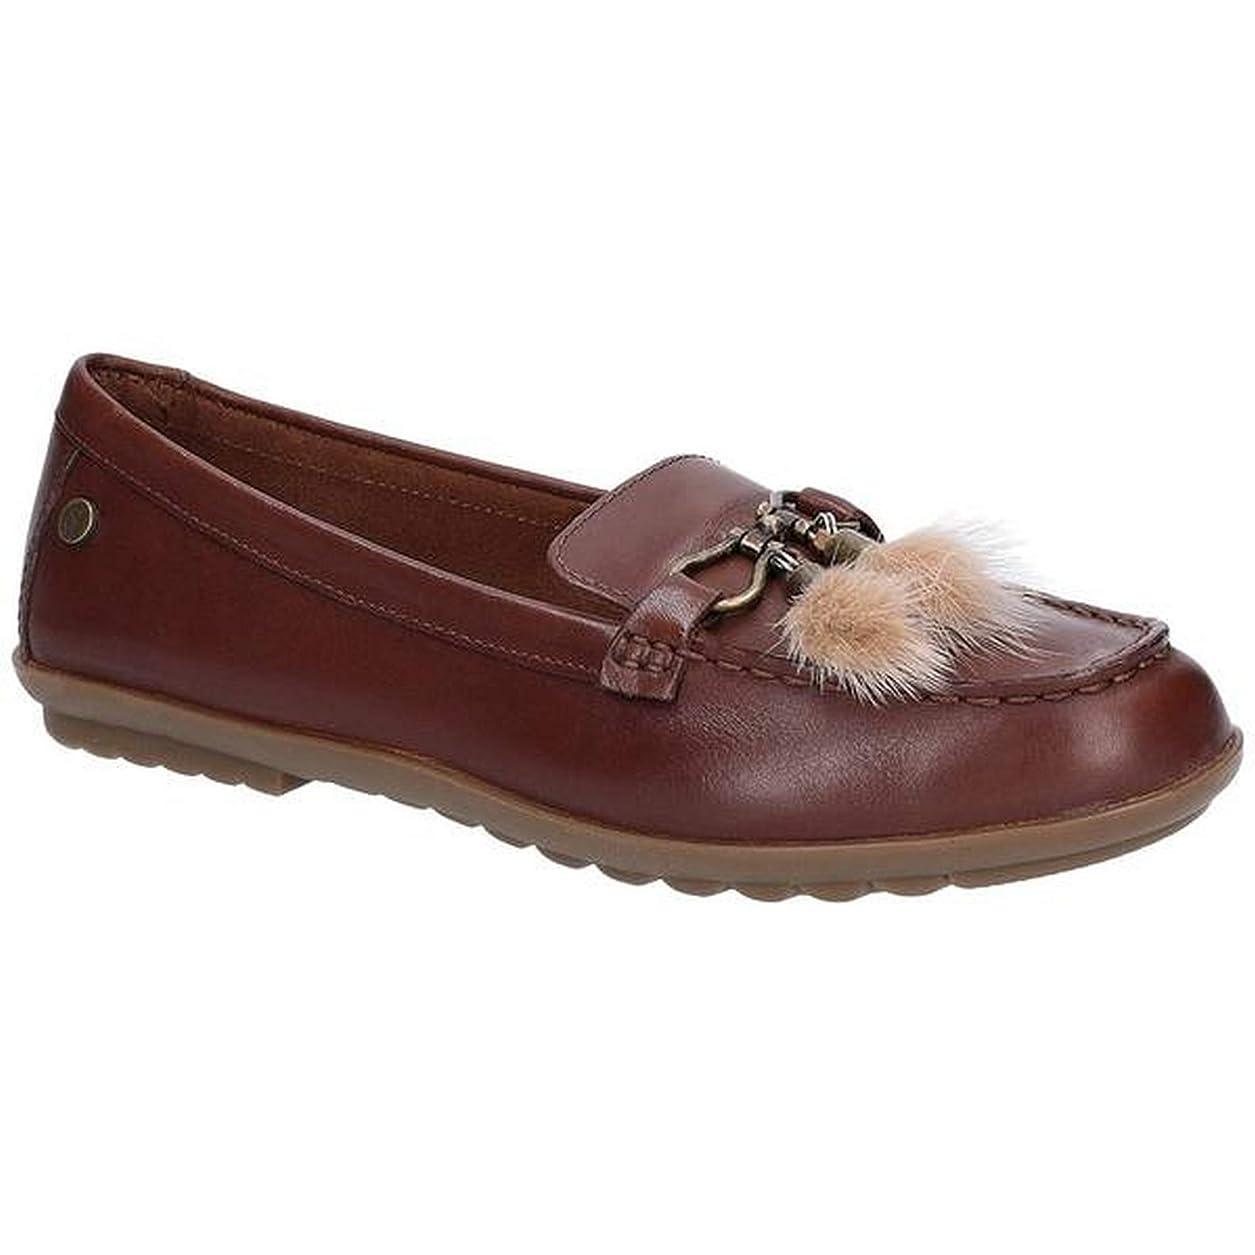 先のことを考える参加する運河[Hush Puppies] (ハッシュパピー) レディース Aidi レザー パフ ローファー 婦人靴 フラット シューズ 女性用 (4 UK) (ブラウン)